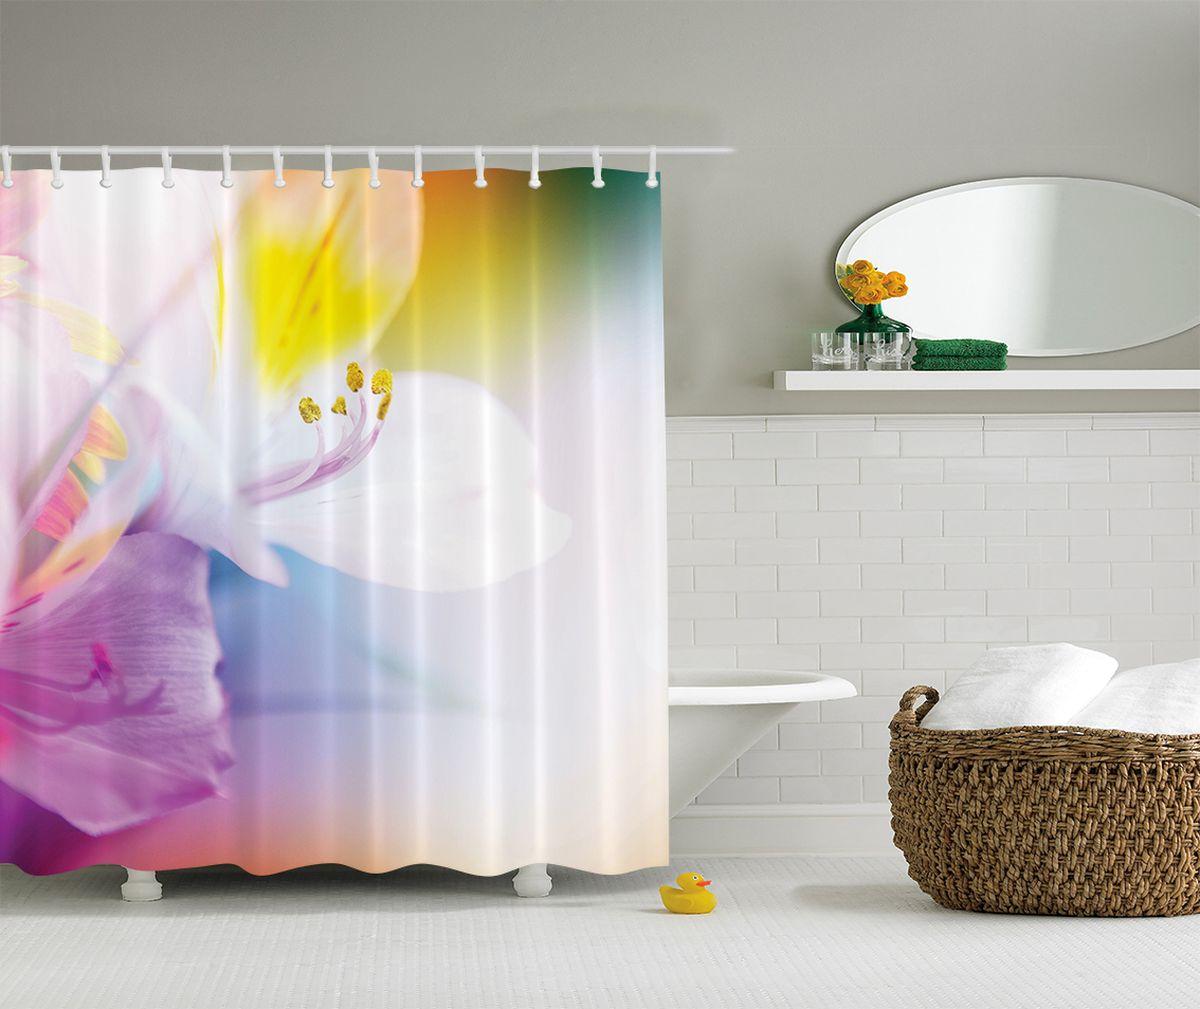 """Штора Magic Lady """"PКадр лилии"""", изготовленная из высококачественного сатена (полиэстер 100%), отлично дополнит любой интерьер ванной комнаты. При изготовлении используются специальные гипоаллергенные чернила для прямой печати по ткани, безопасные для человека.    В комплекте: 1 штора, 12 крючков. Обращаем ваше внимание, фактический цвет изделия может незначительно отличаться от представленного на фото."""